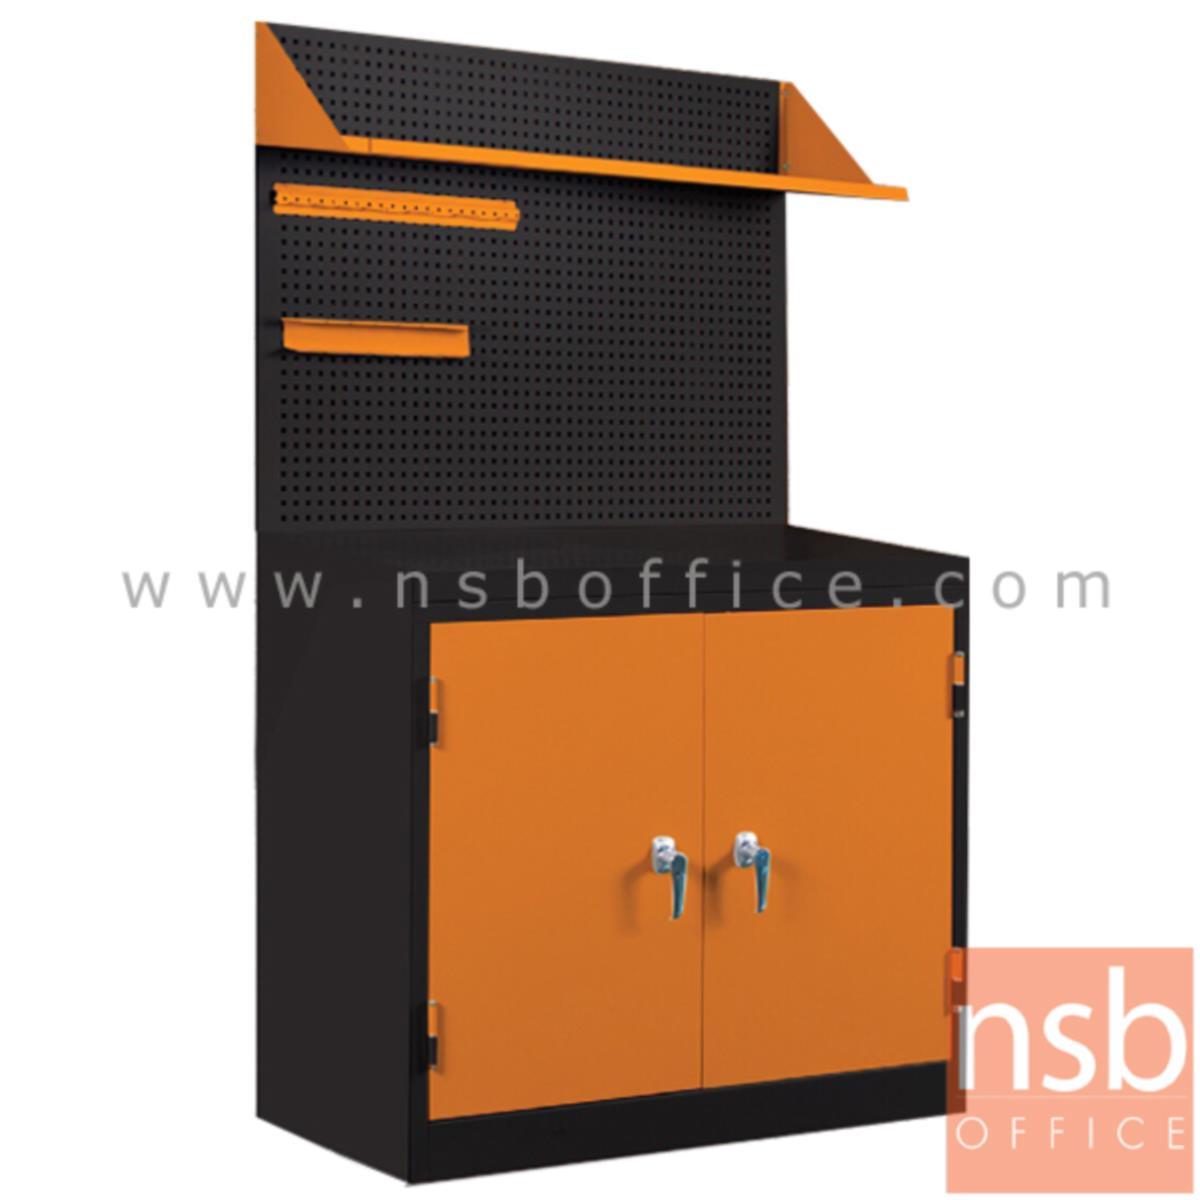 E09A019:ชุดตู้เก็บเครื่องมือช่าง 2 บานเปิด 91.6W cm. พร้อมแผ่นท็อป แผ่นชั้น และอุปกรณ์เสริม